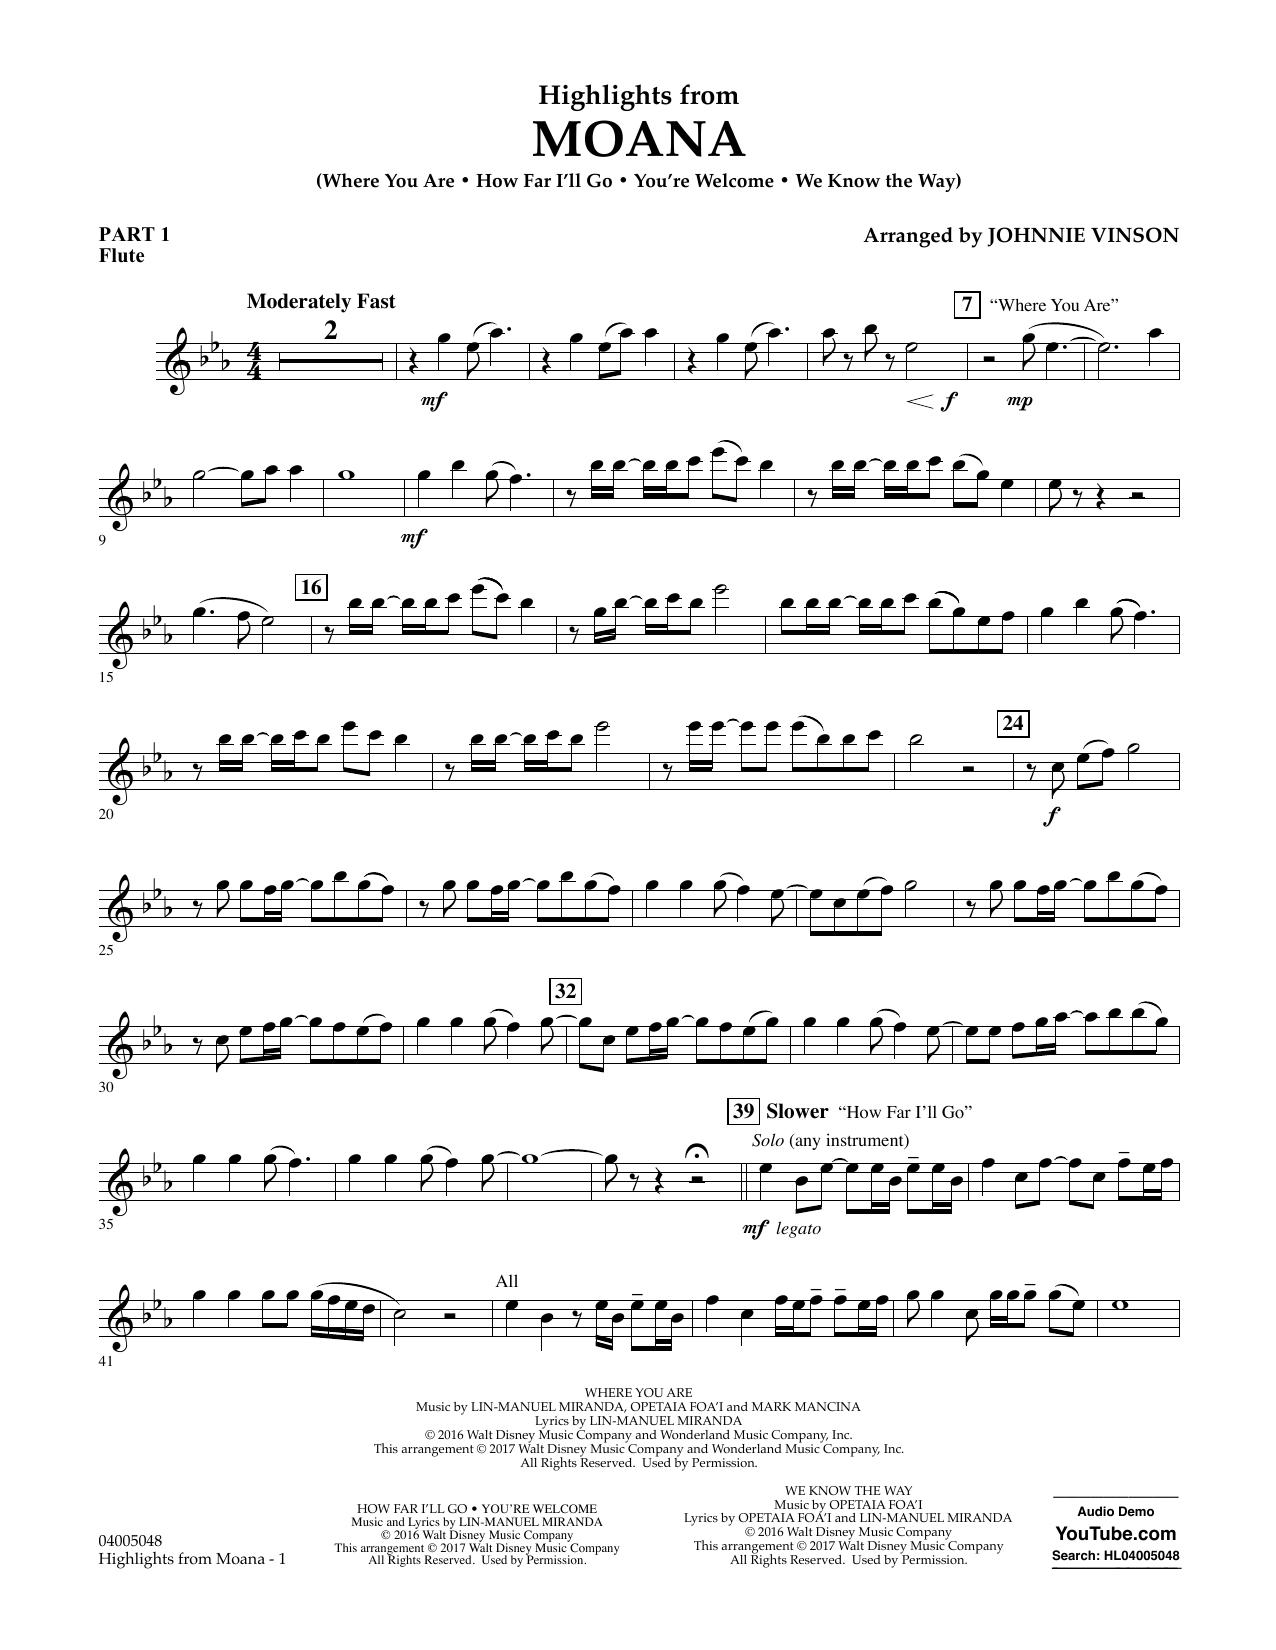 Highlights from Moana - Pt.1 - Flute Sheet Music